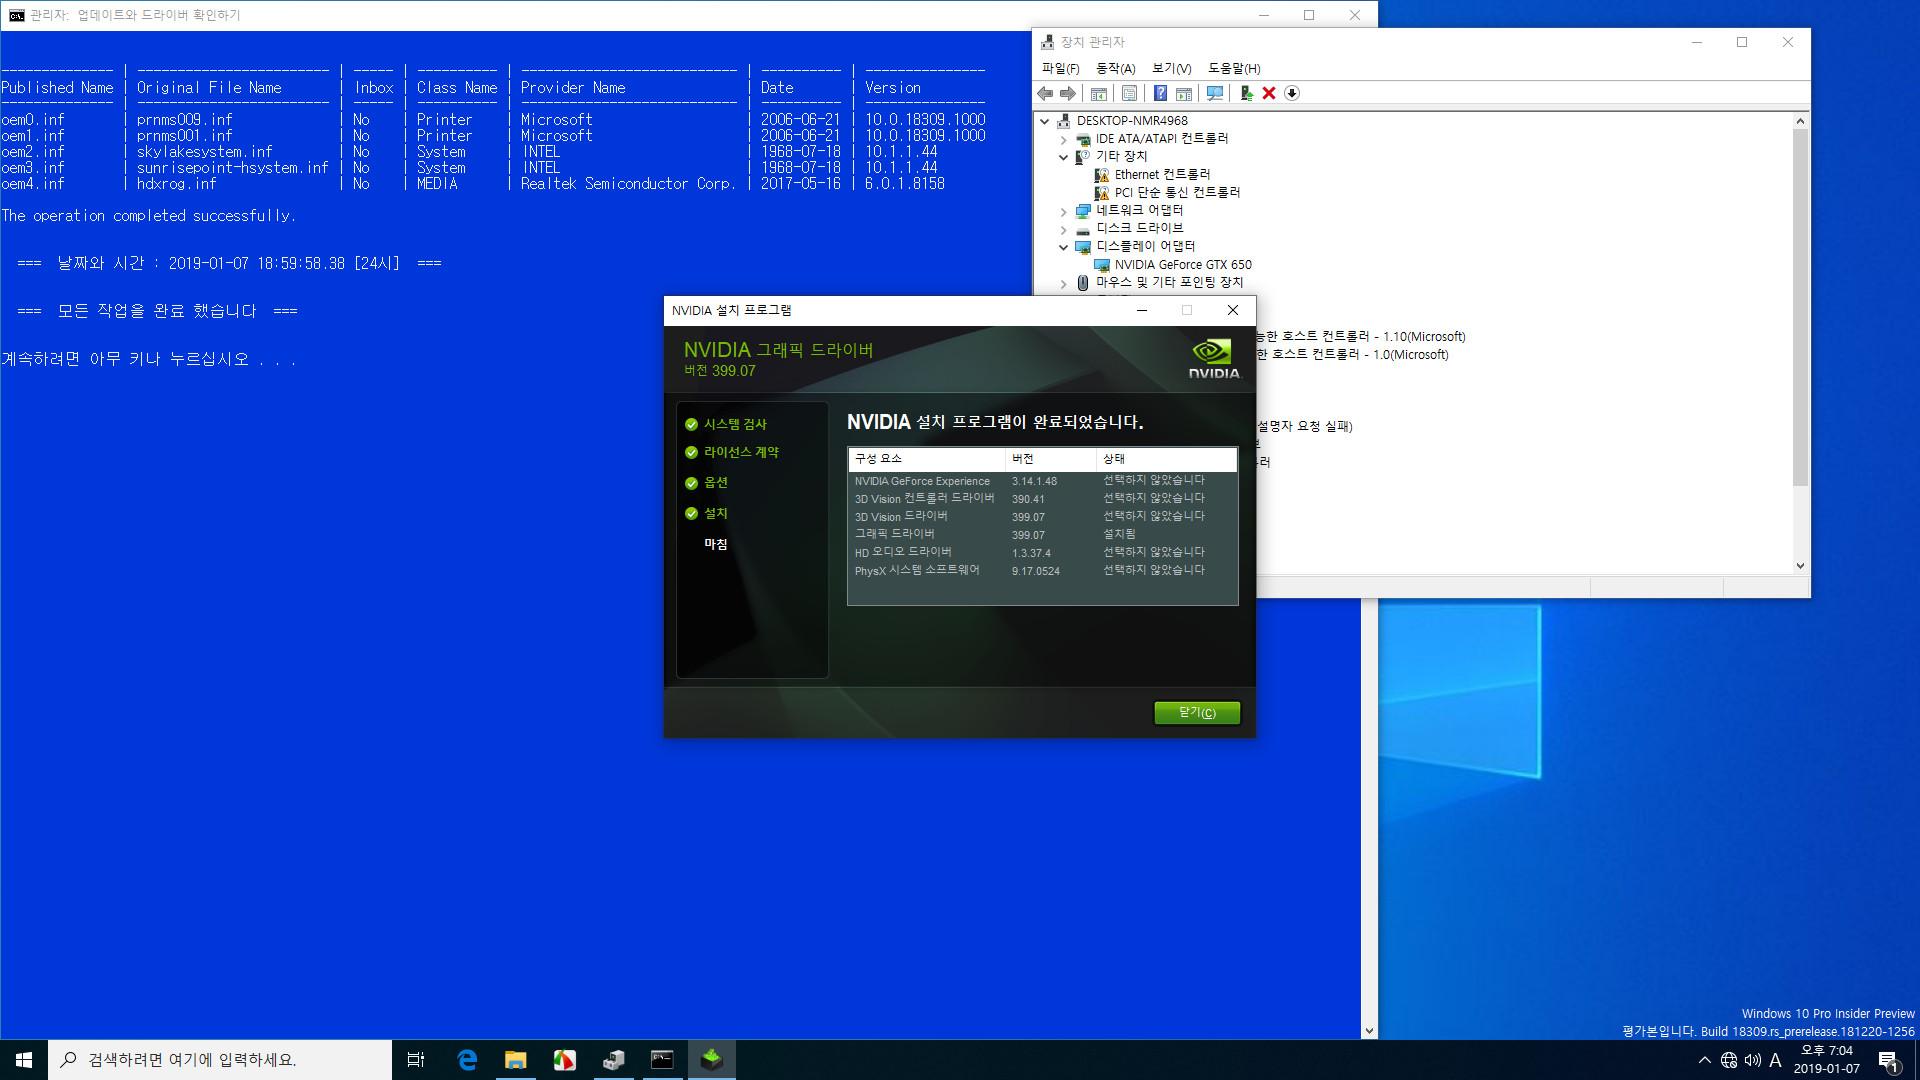 윈도10 19H1 인사이더 프리뷰 18309.1000 빌드 나왔네요 - 실컴에서 Windows Sandbox 테스트 - 어떤 드라이버가 충돌을 일으키는지 확인 테스트4 [윈도에 내장된 랜드라이버 제거] - 3번째 for 구문과 사용권한 획득으로 내장 랜 드라이버들 삭제 성공함 2019-01-07_190421.jpg